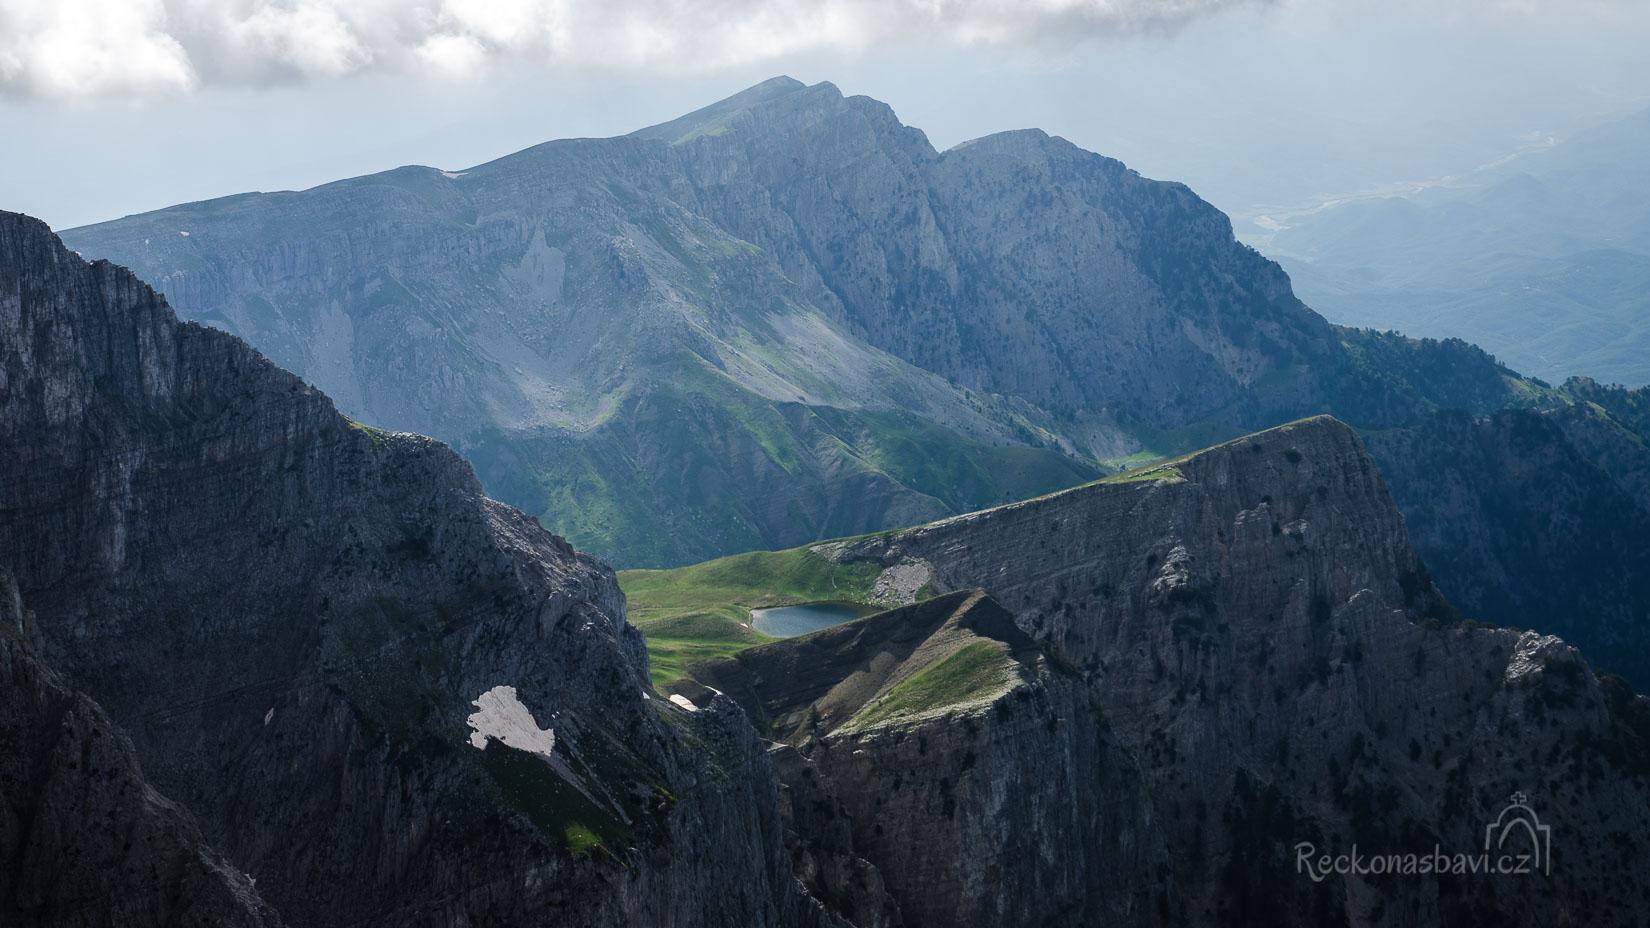 v horách vás čekají nezapomenutelné výhledy...